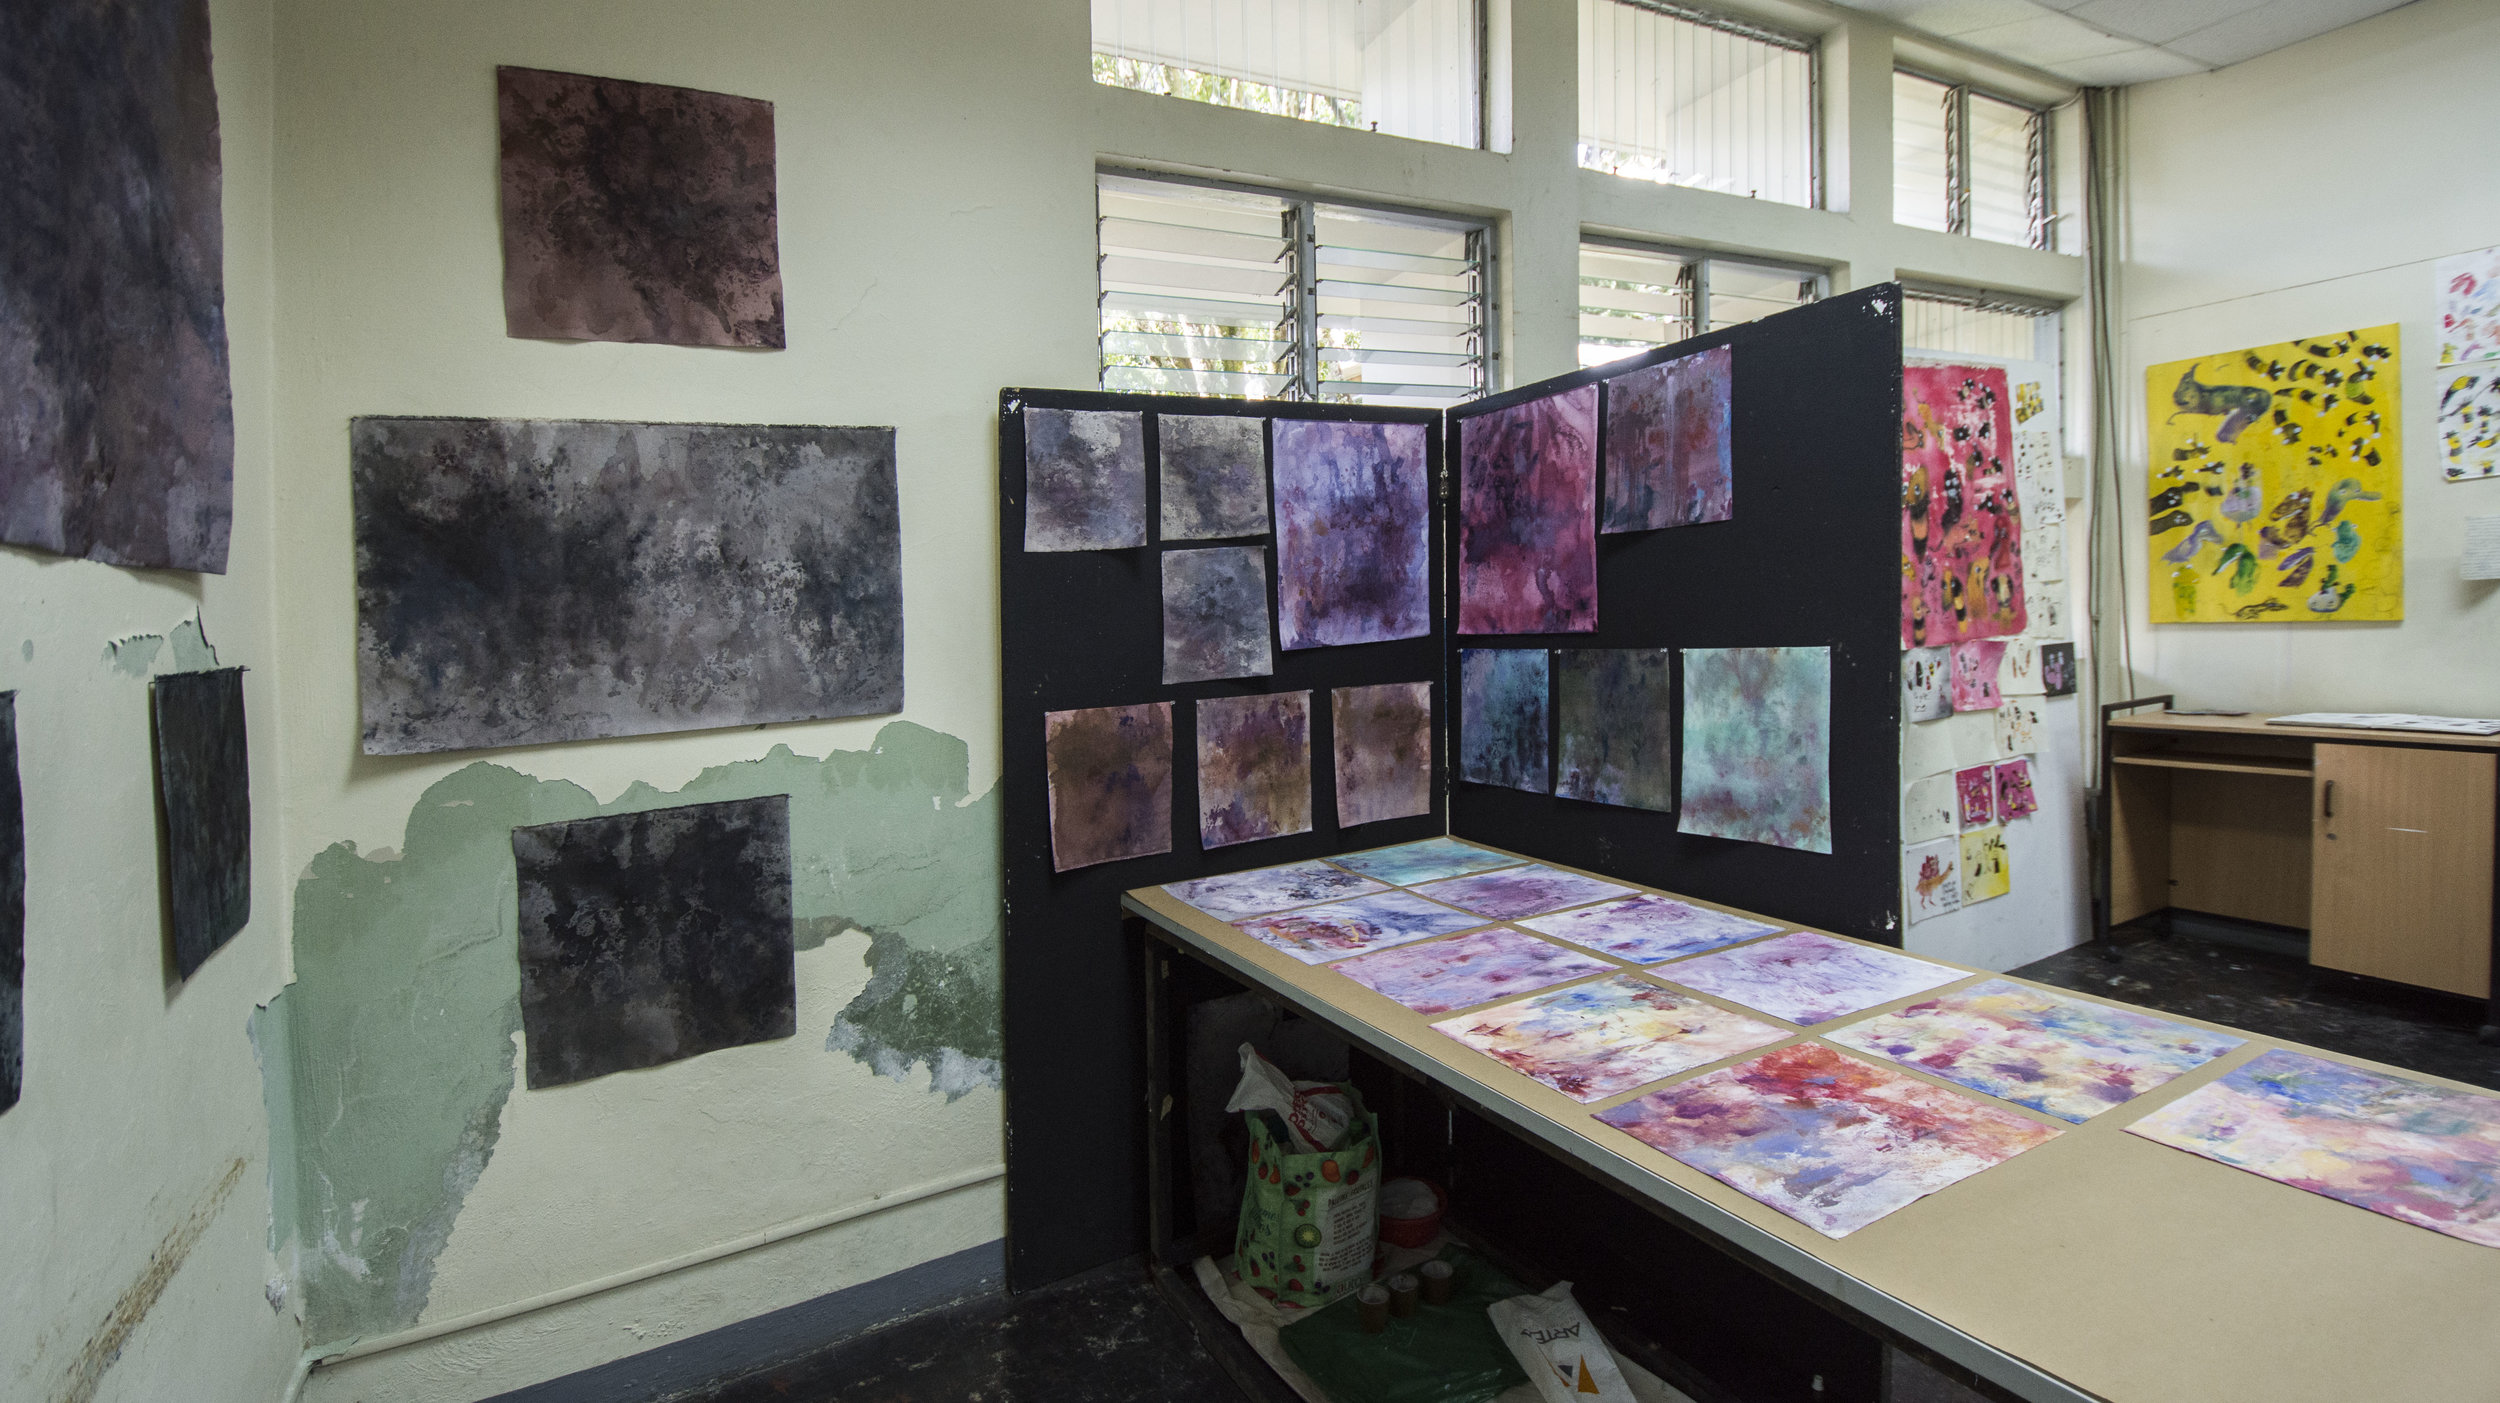 espacios de trabajo de izquierda a derecha: marco sanabria y    karina torres      imagen cortesía de    adriana araya